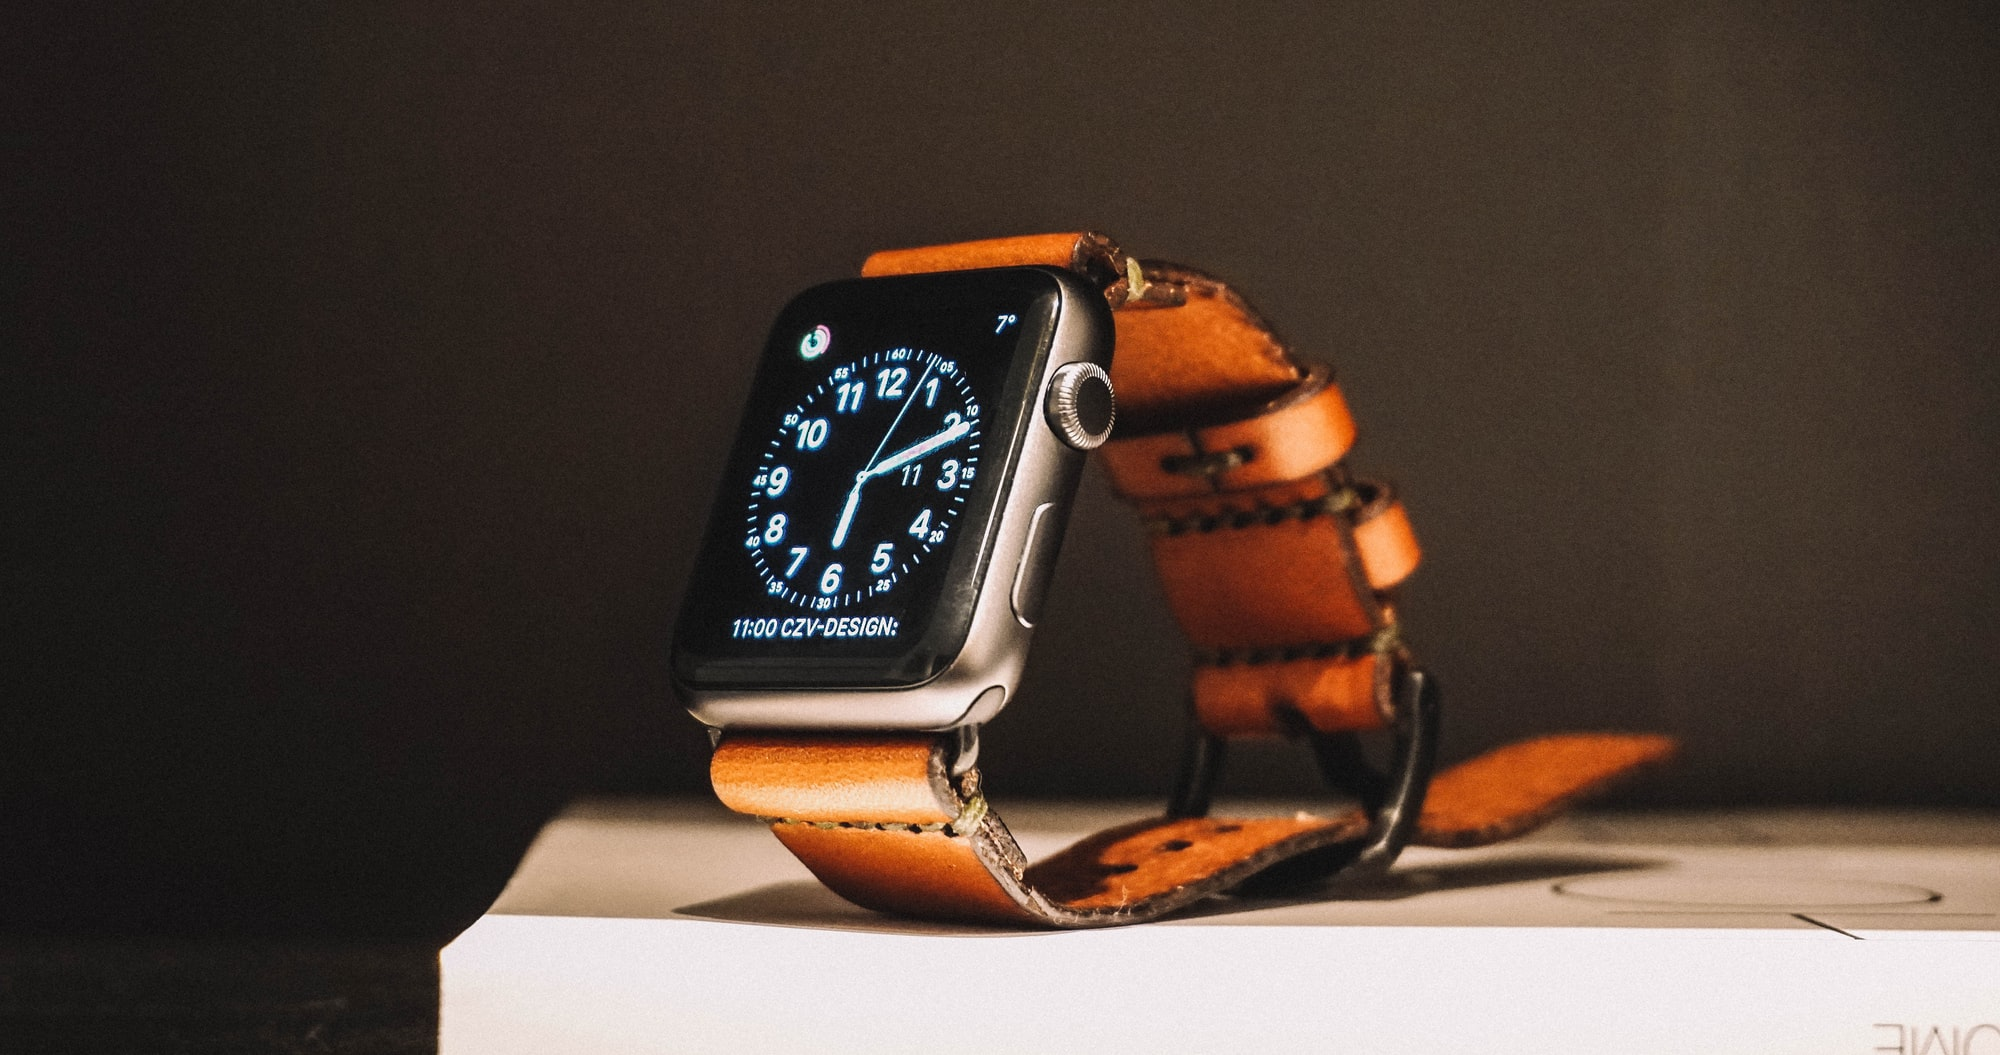 Conhece algumas das melhores braceletes que podes comprar para o teu Apple Watch